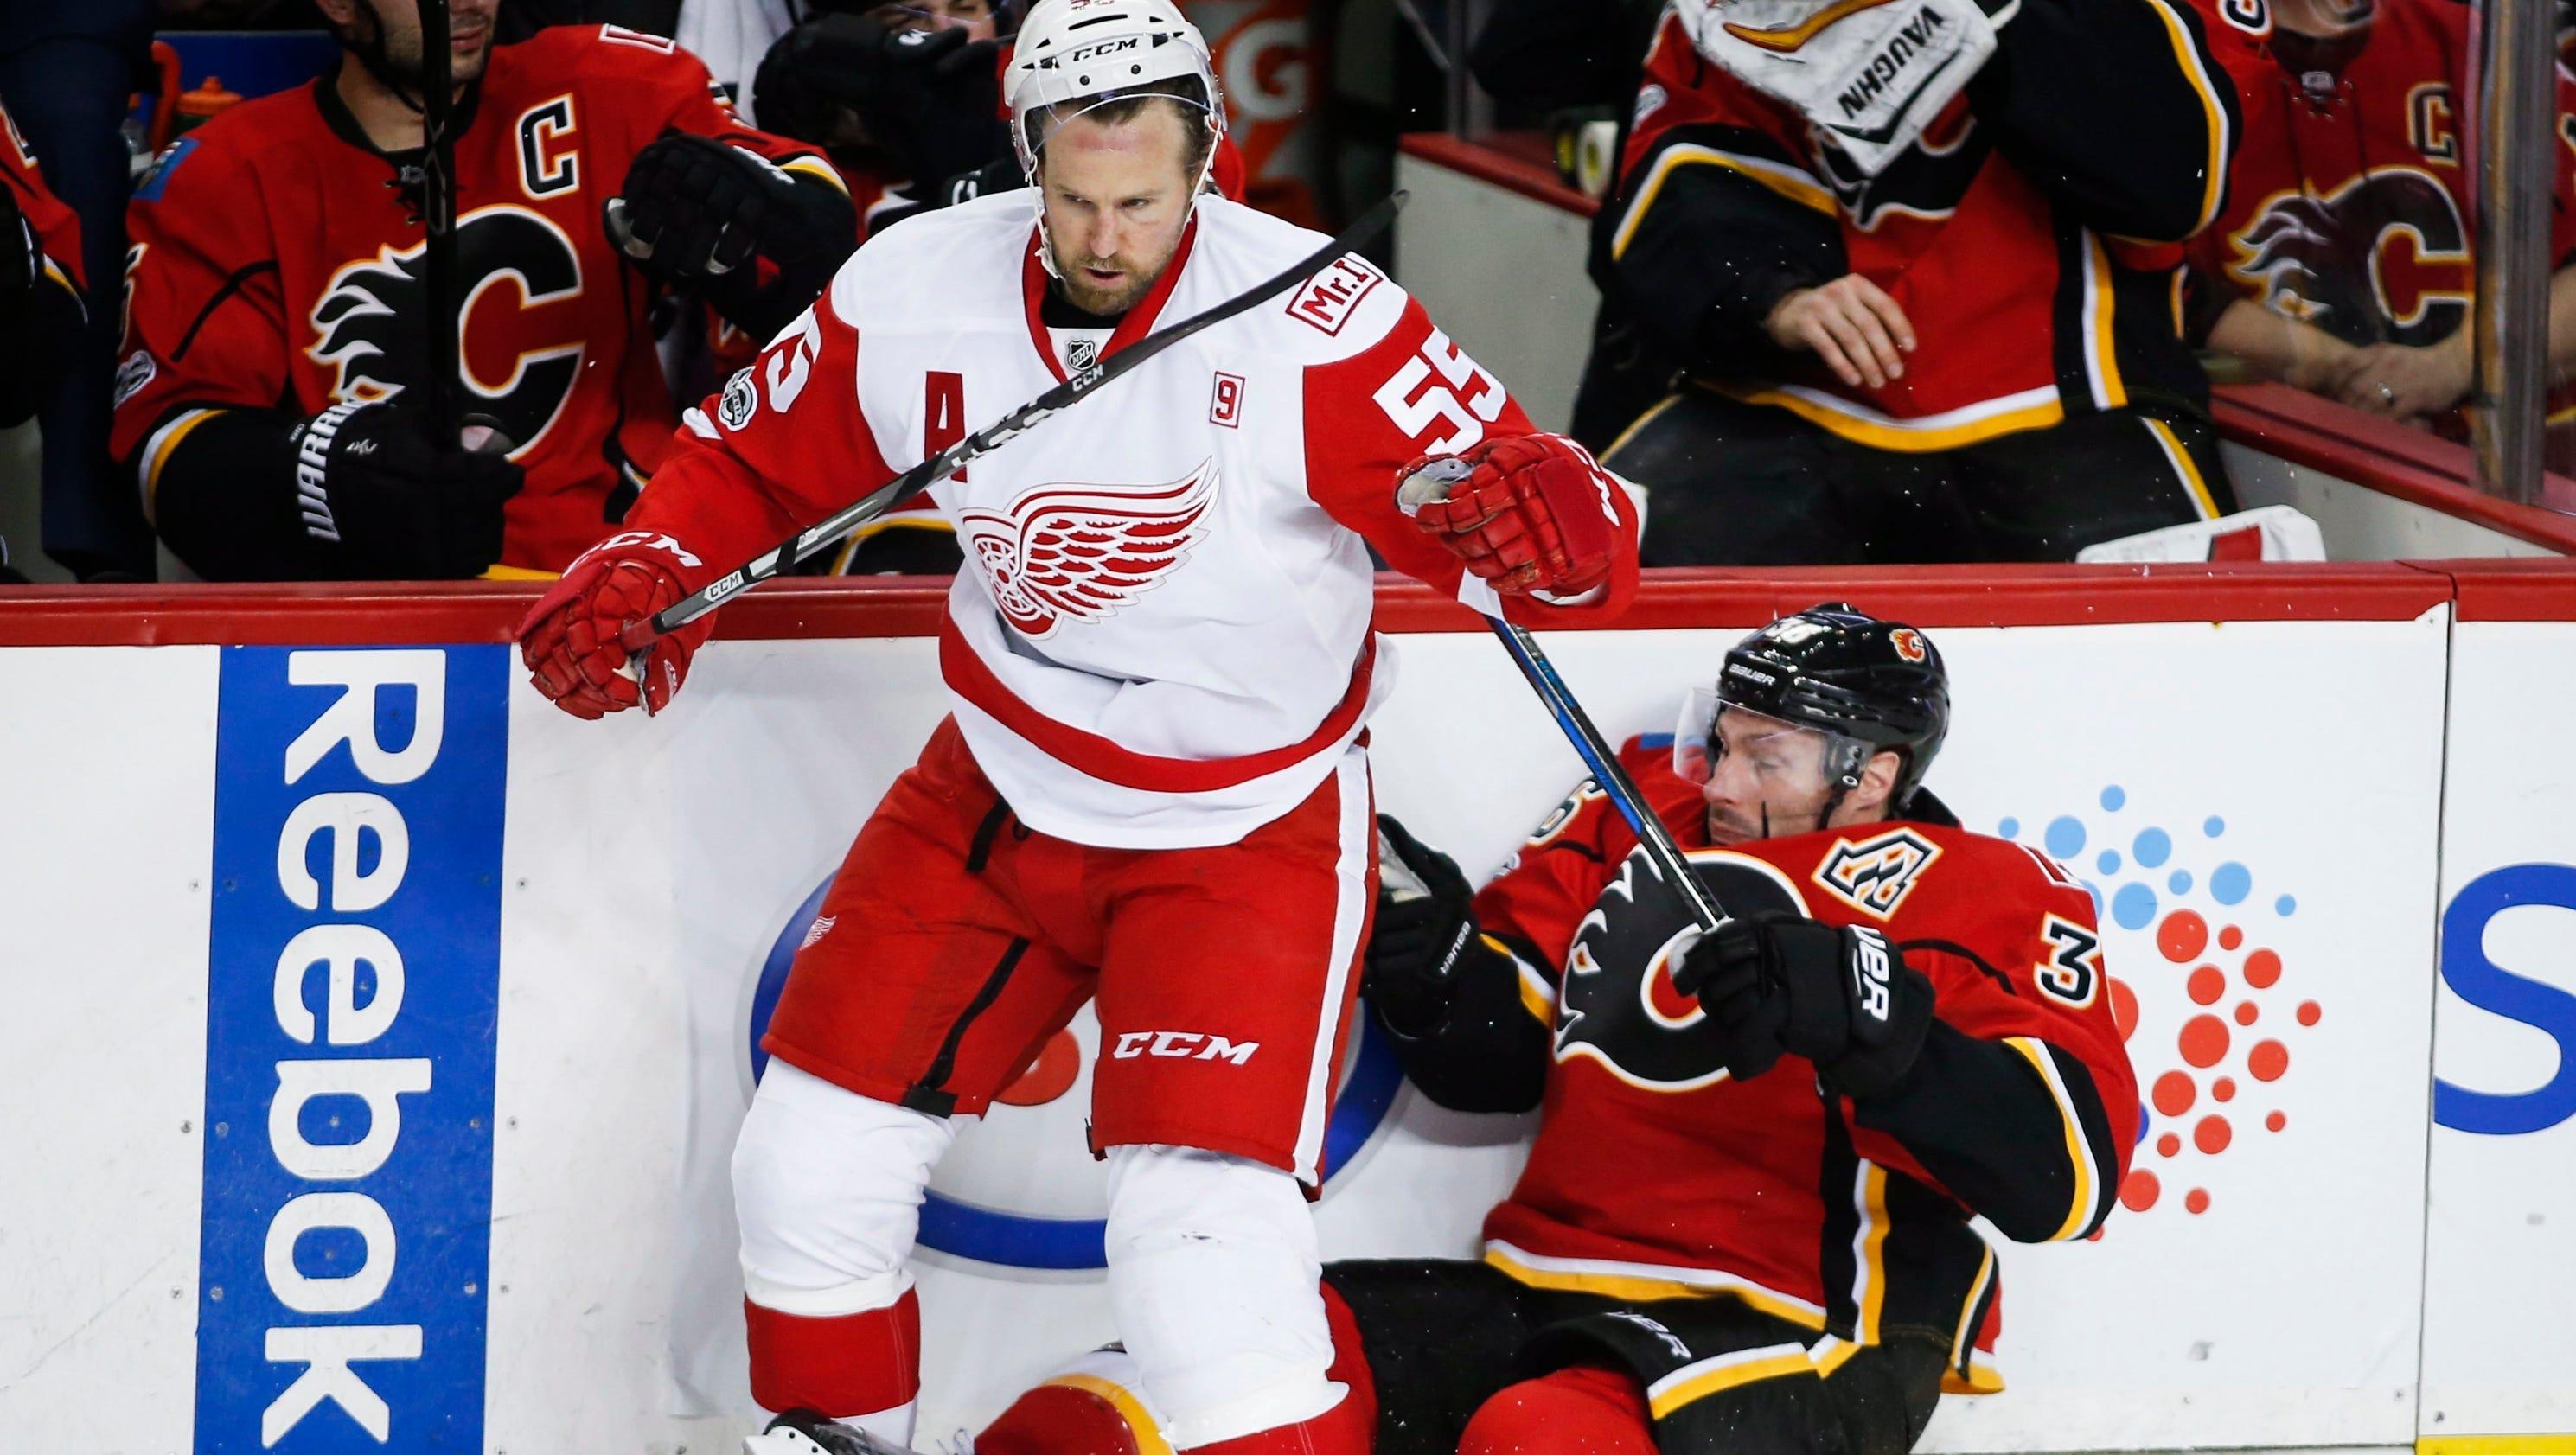 636241885095720976-ap-red-wings-flames-hockey-j-6-